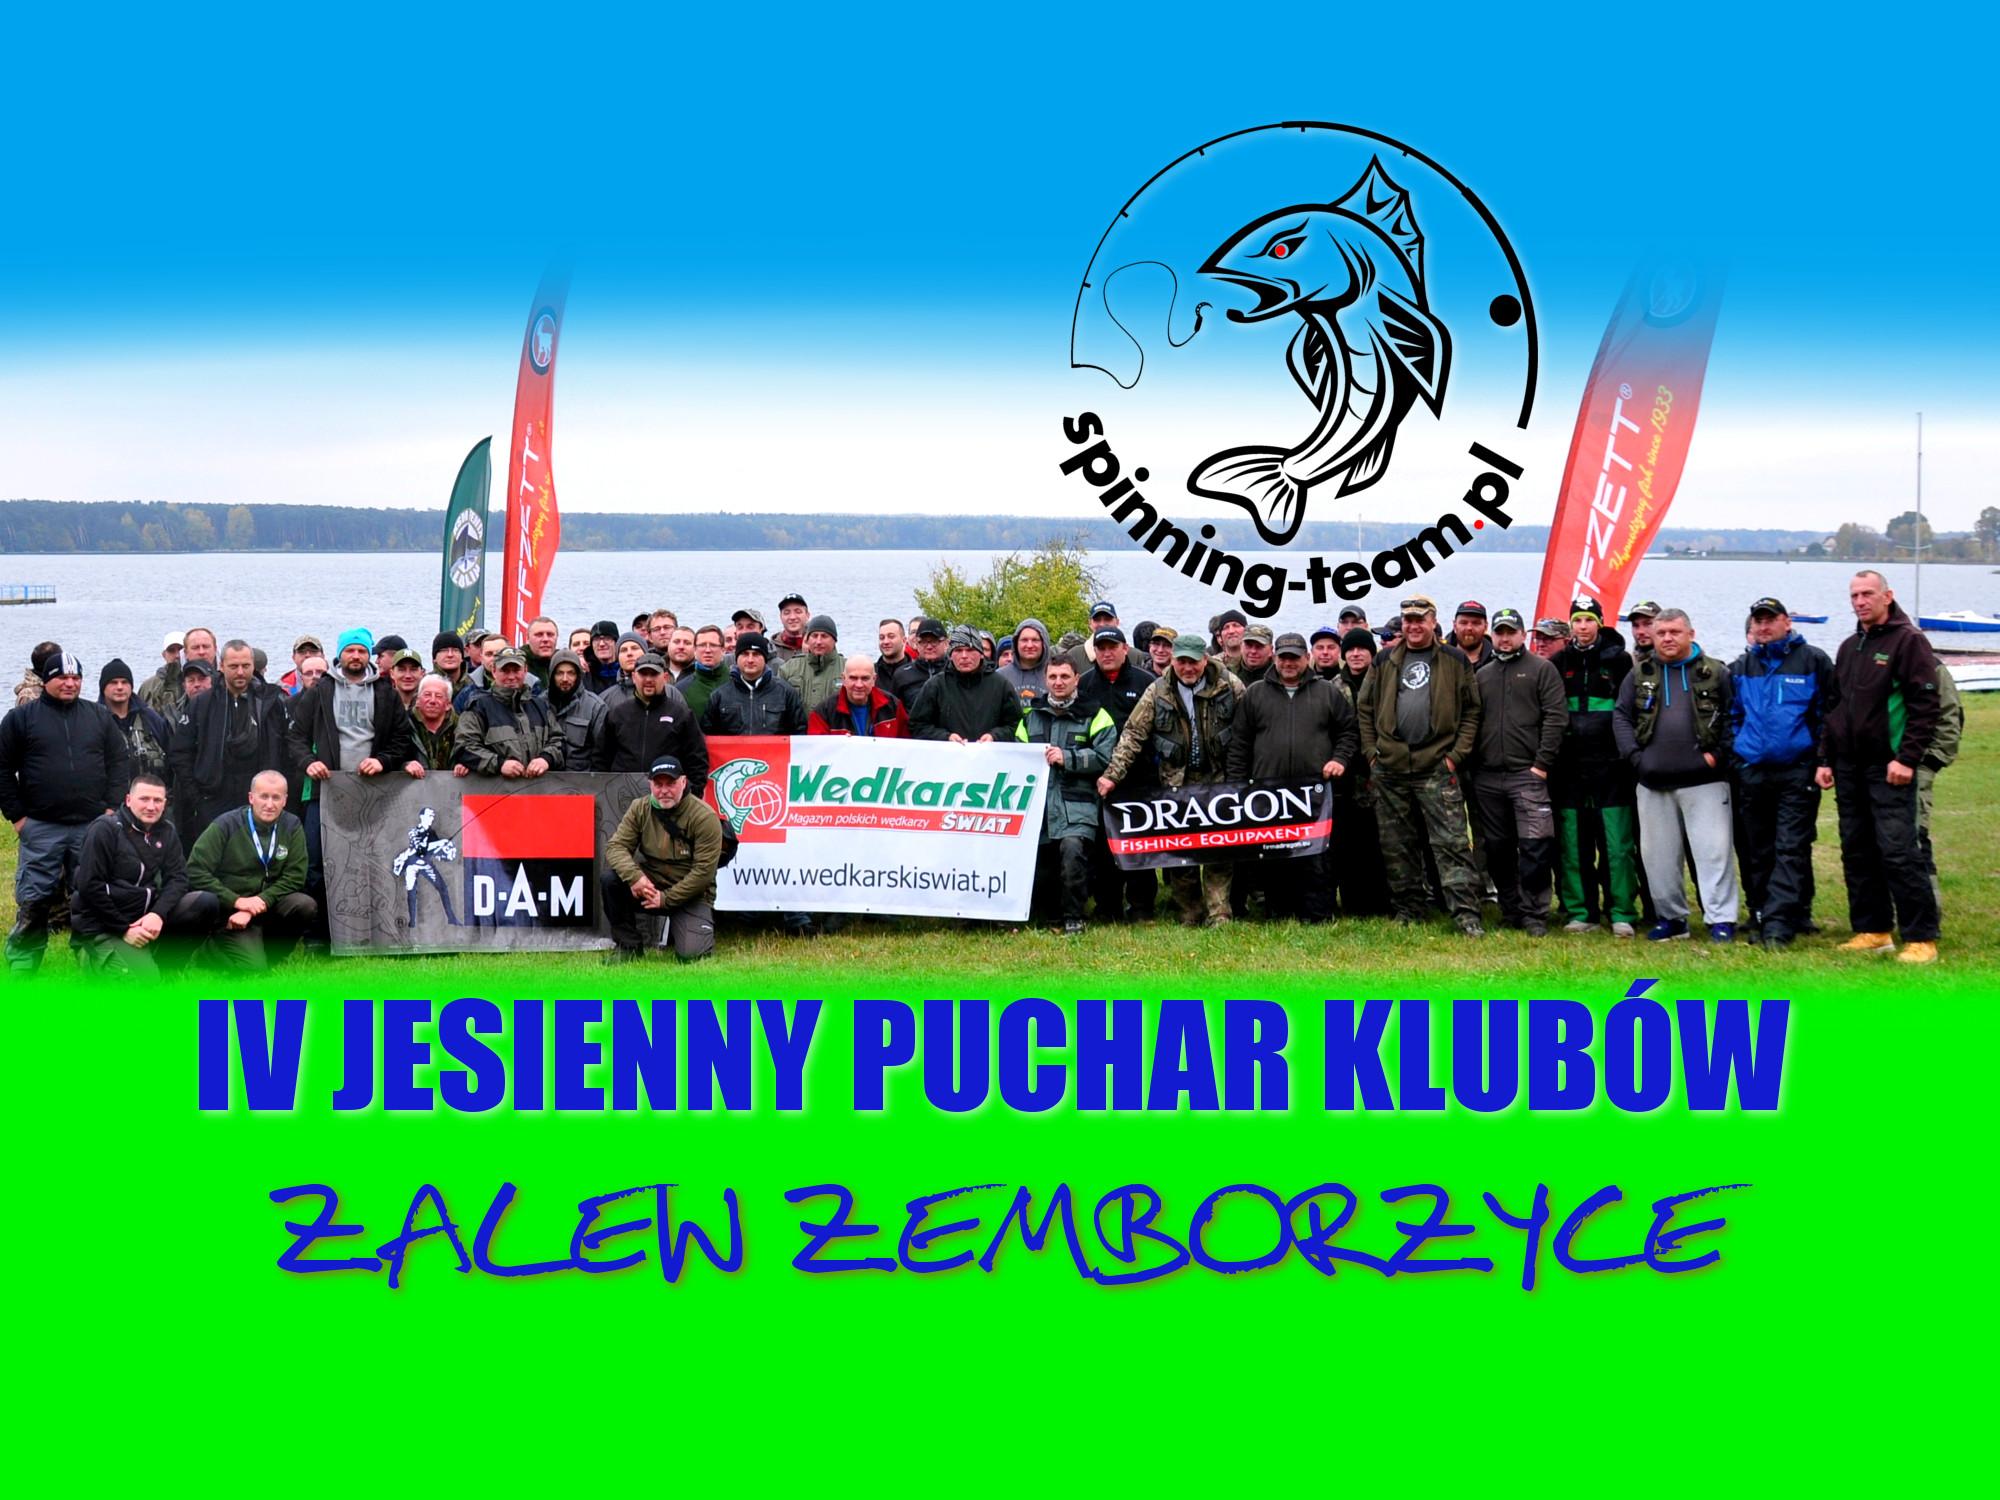 VI JESIENNY PUCHAR KLUBÓW KSM Fenix zalew Zemborzycki w Lublinie